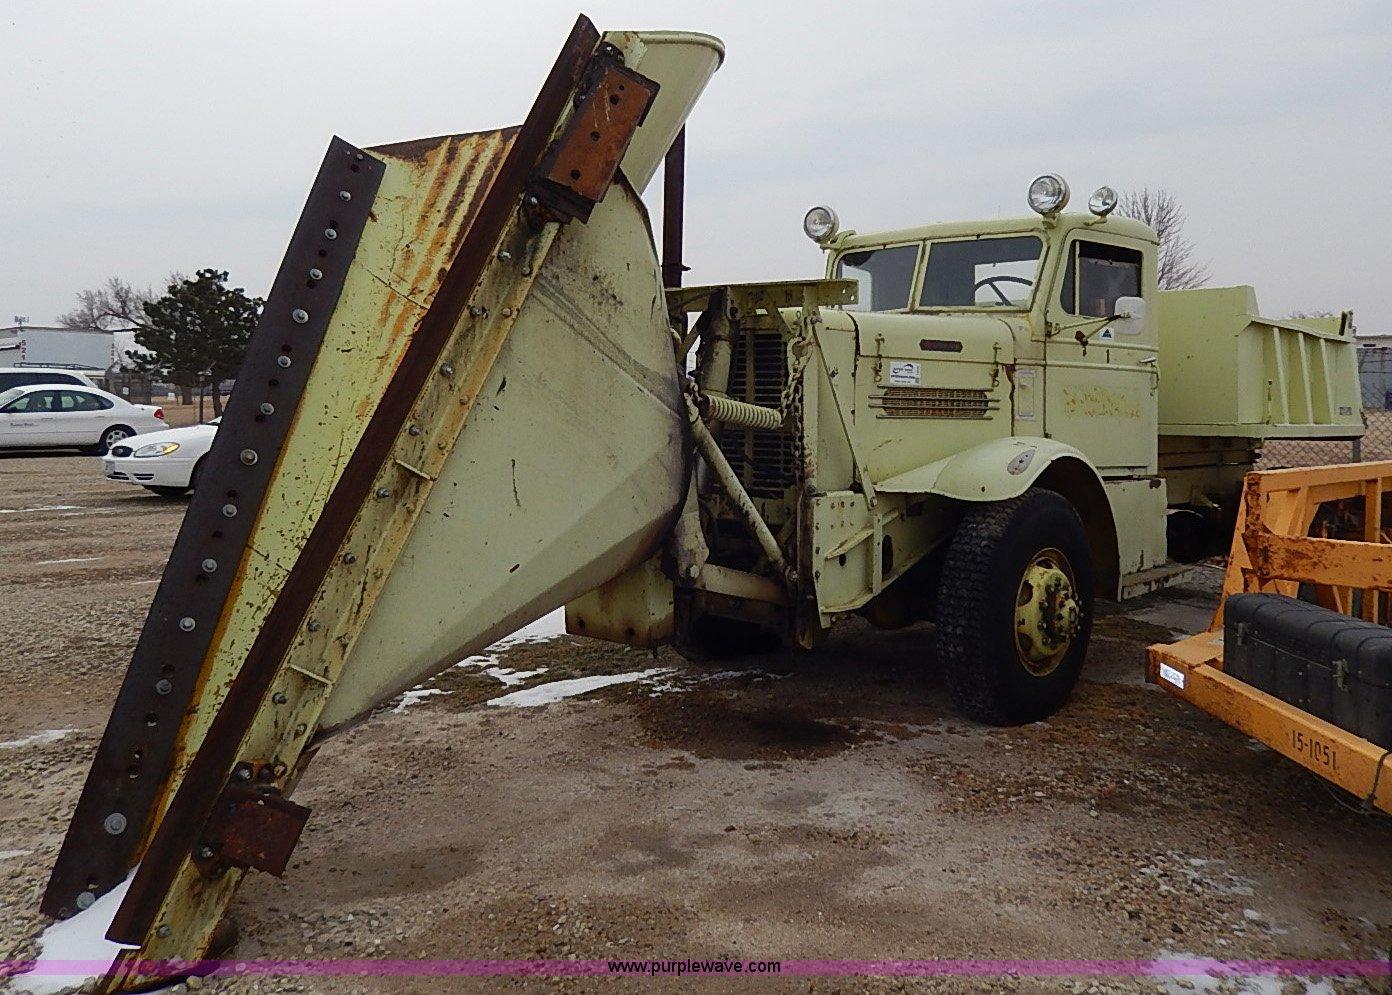 1952 Oshkosh Wa 703 Runway Snow Plow Vehicle In Salina Ks Item I9339 Sold Purple Wave